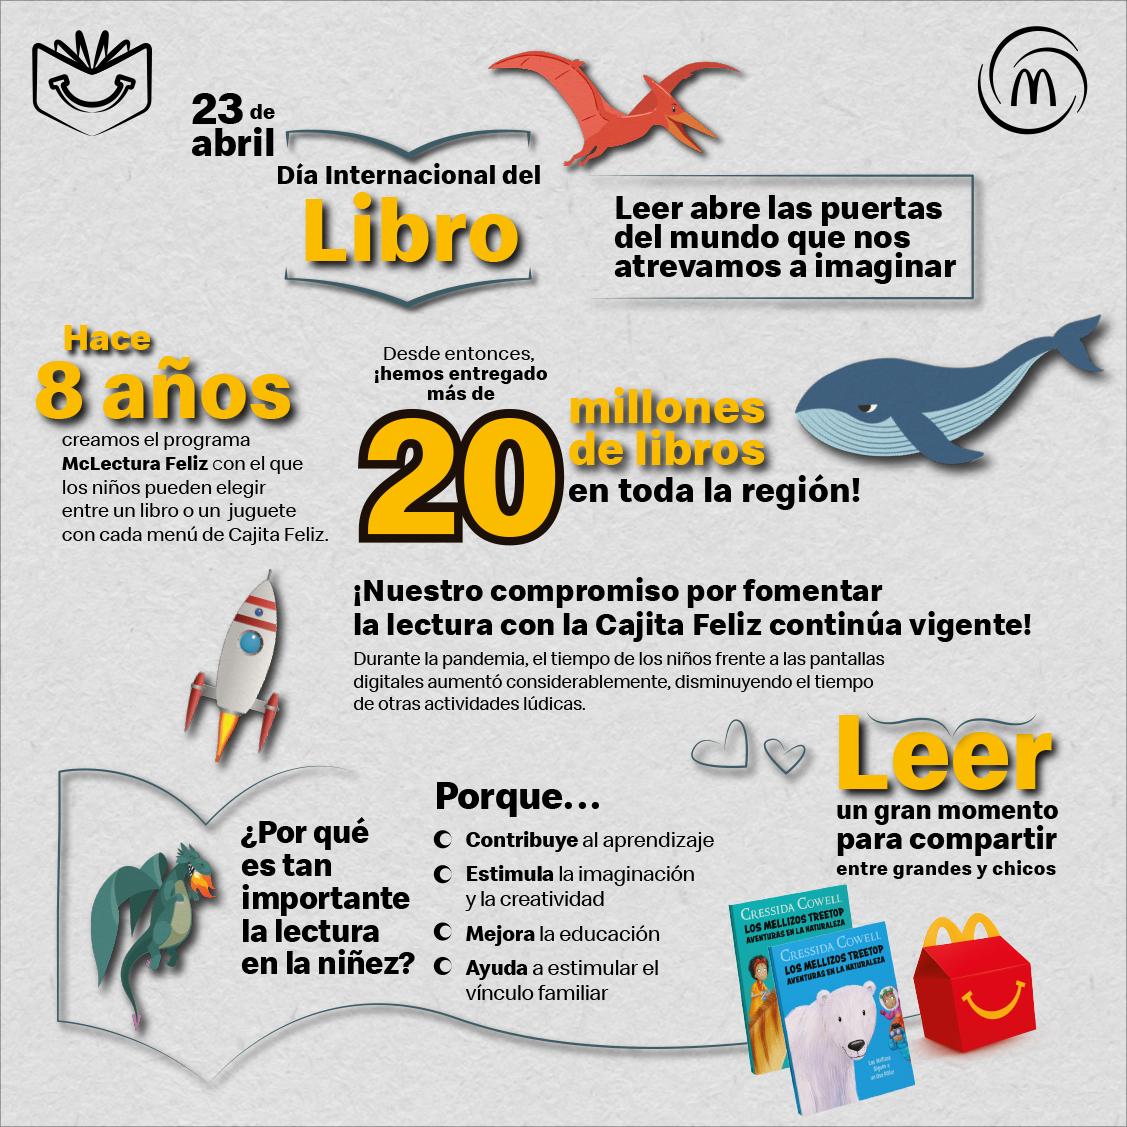 Arcos Dorados alcanza los 20 millones de libros infantiles entregados en la región